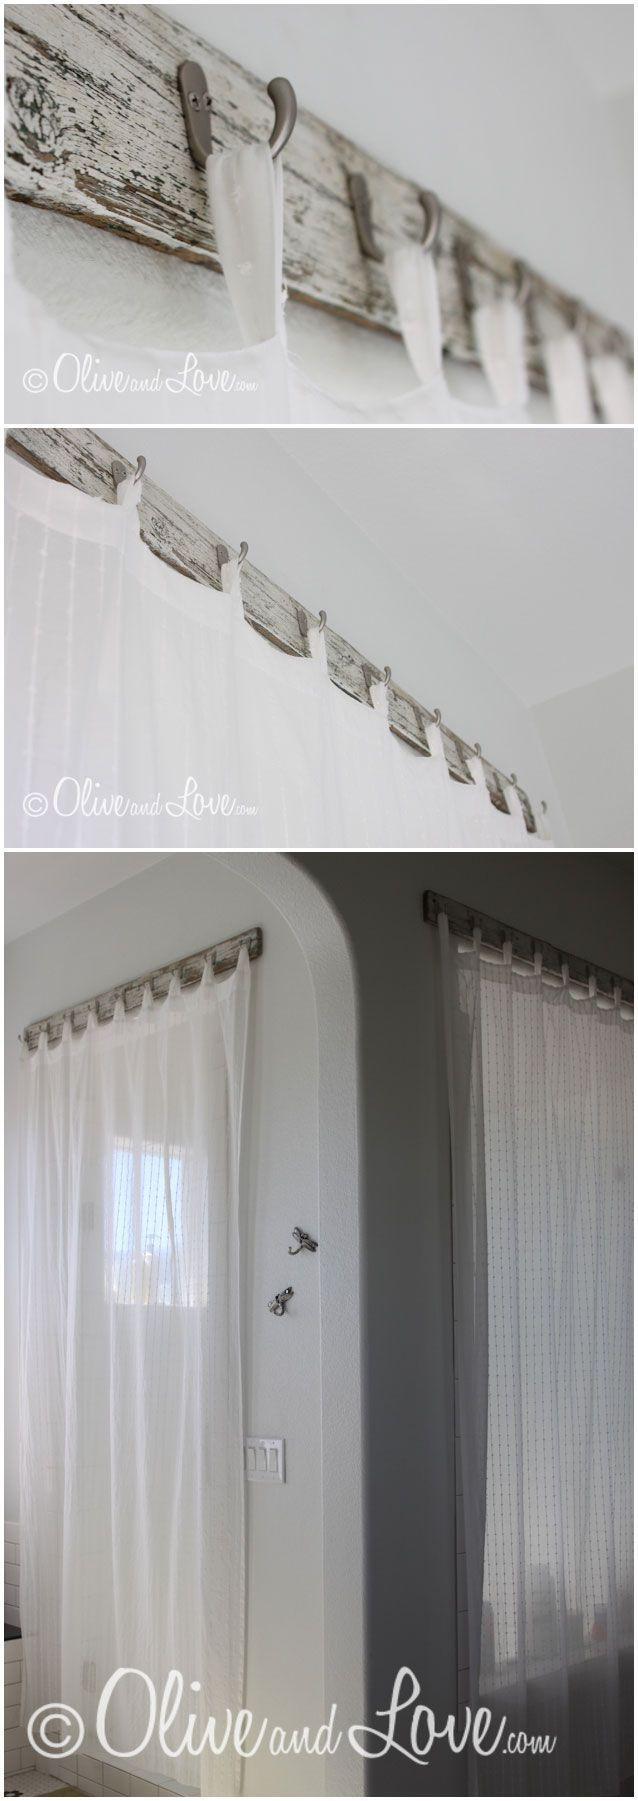 Une vieille planche de bois, de petits crochets de la quincaillerie et voilà une jolie façon d'accrocher vos rideaux.